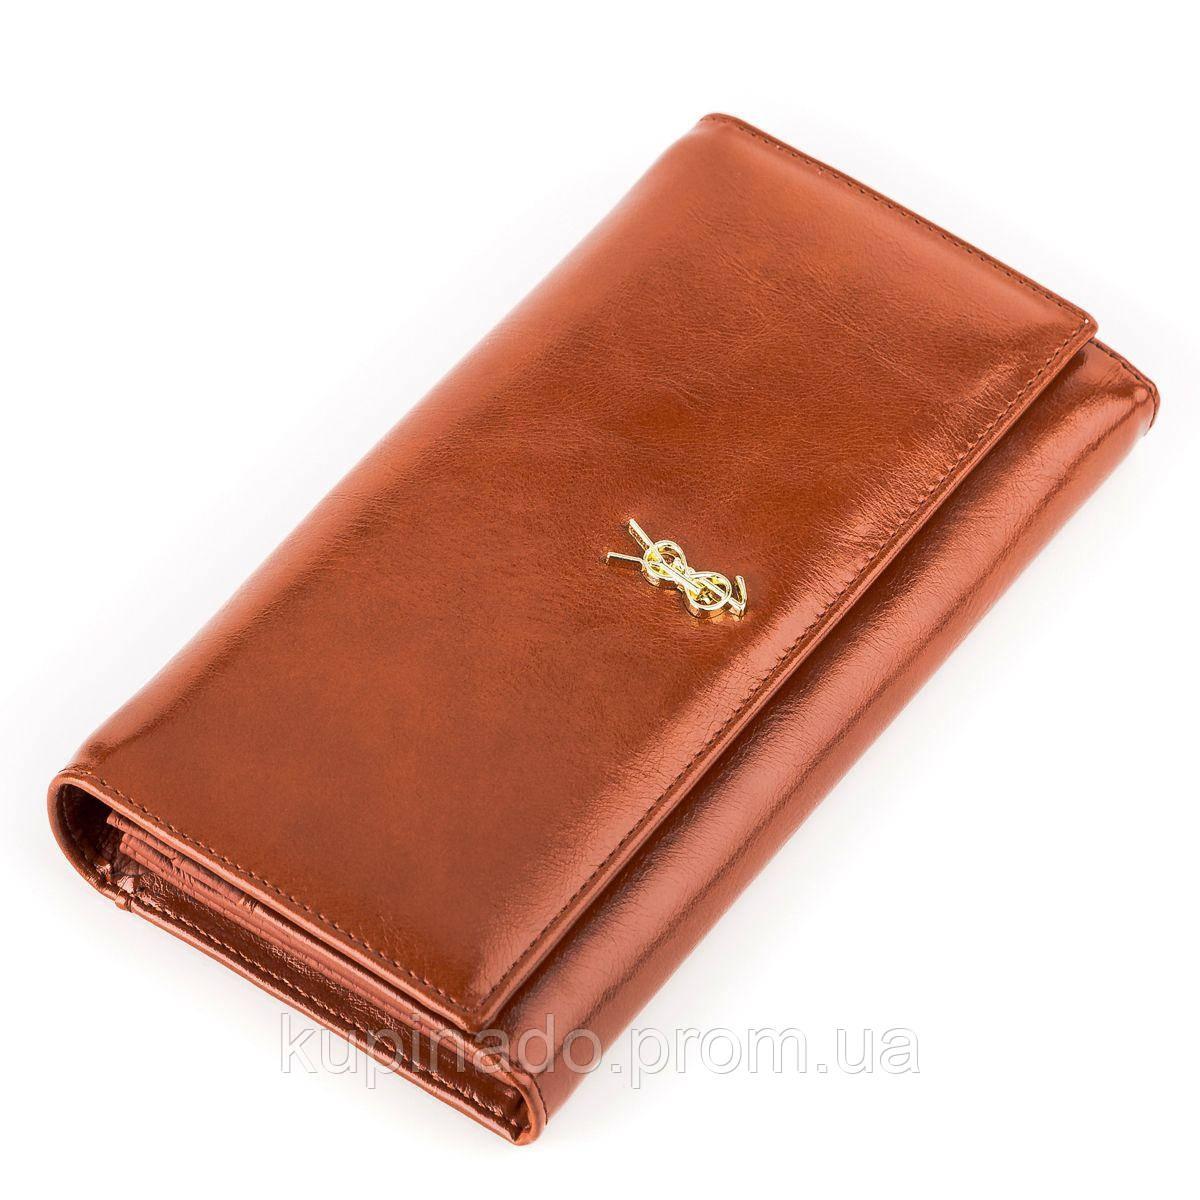 Кошелек женский BALISA 13865 кожаный Коричневый, Коричневый